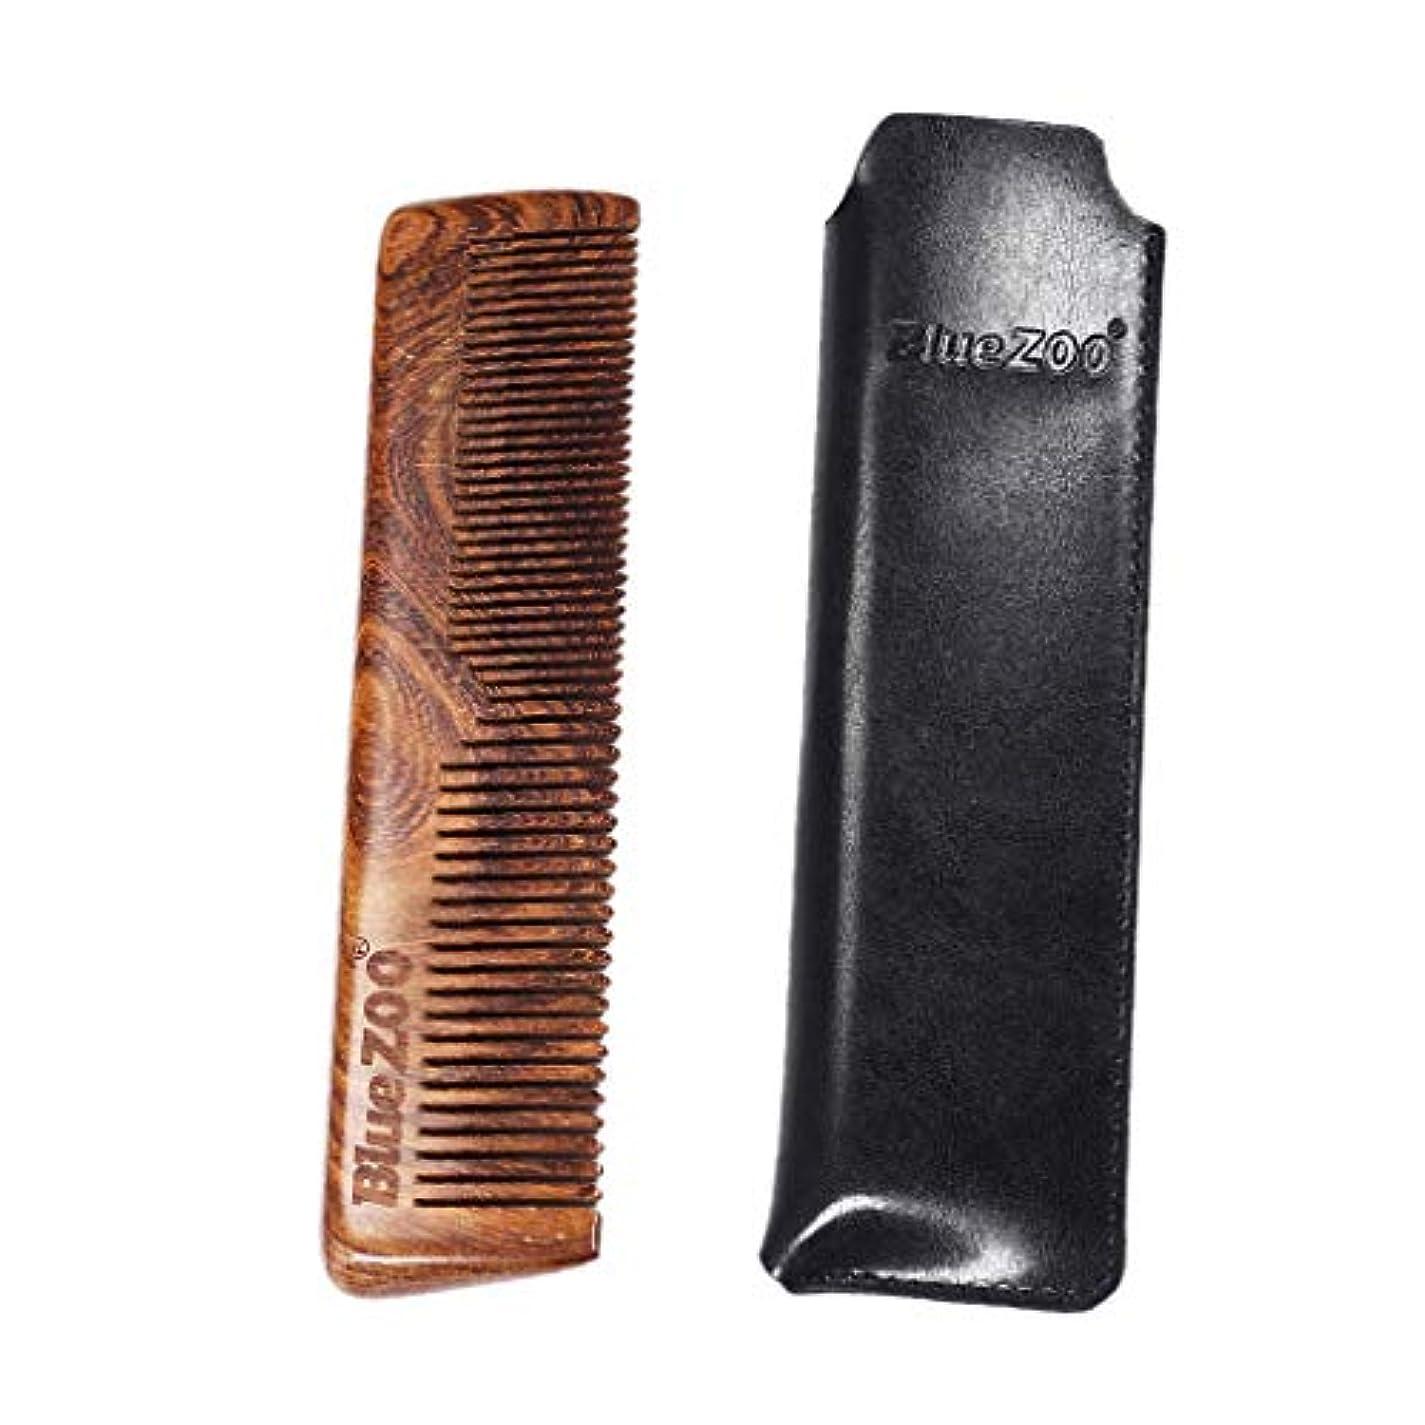 昆虫を見る傷跡売上高木製 ひげ櫛 PUバッグ 木製櫛 口ひげ ヘアブラシ 2色選べ - ブラック